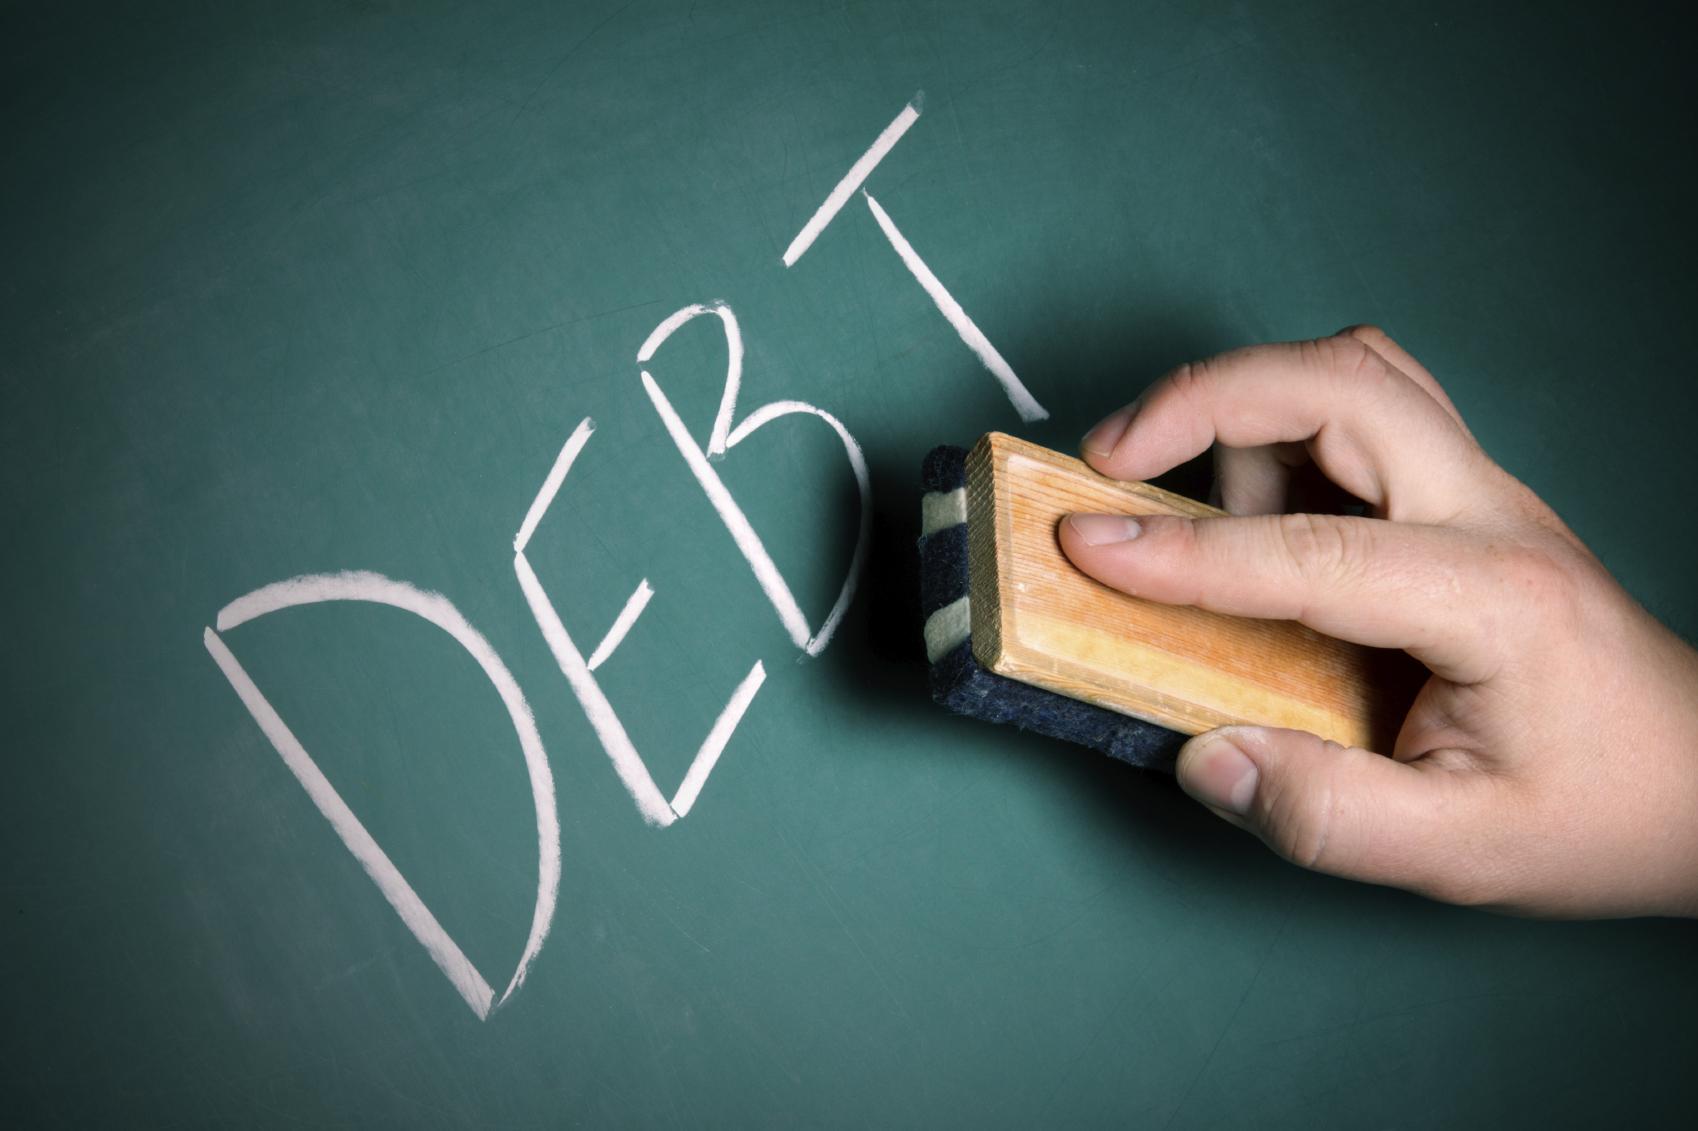 他人から借金する必要がないということを、誰もお金を貸してくれないこと、と思い込んでしまう人